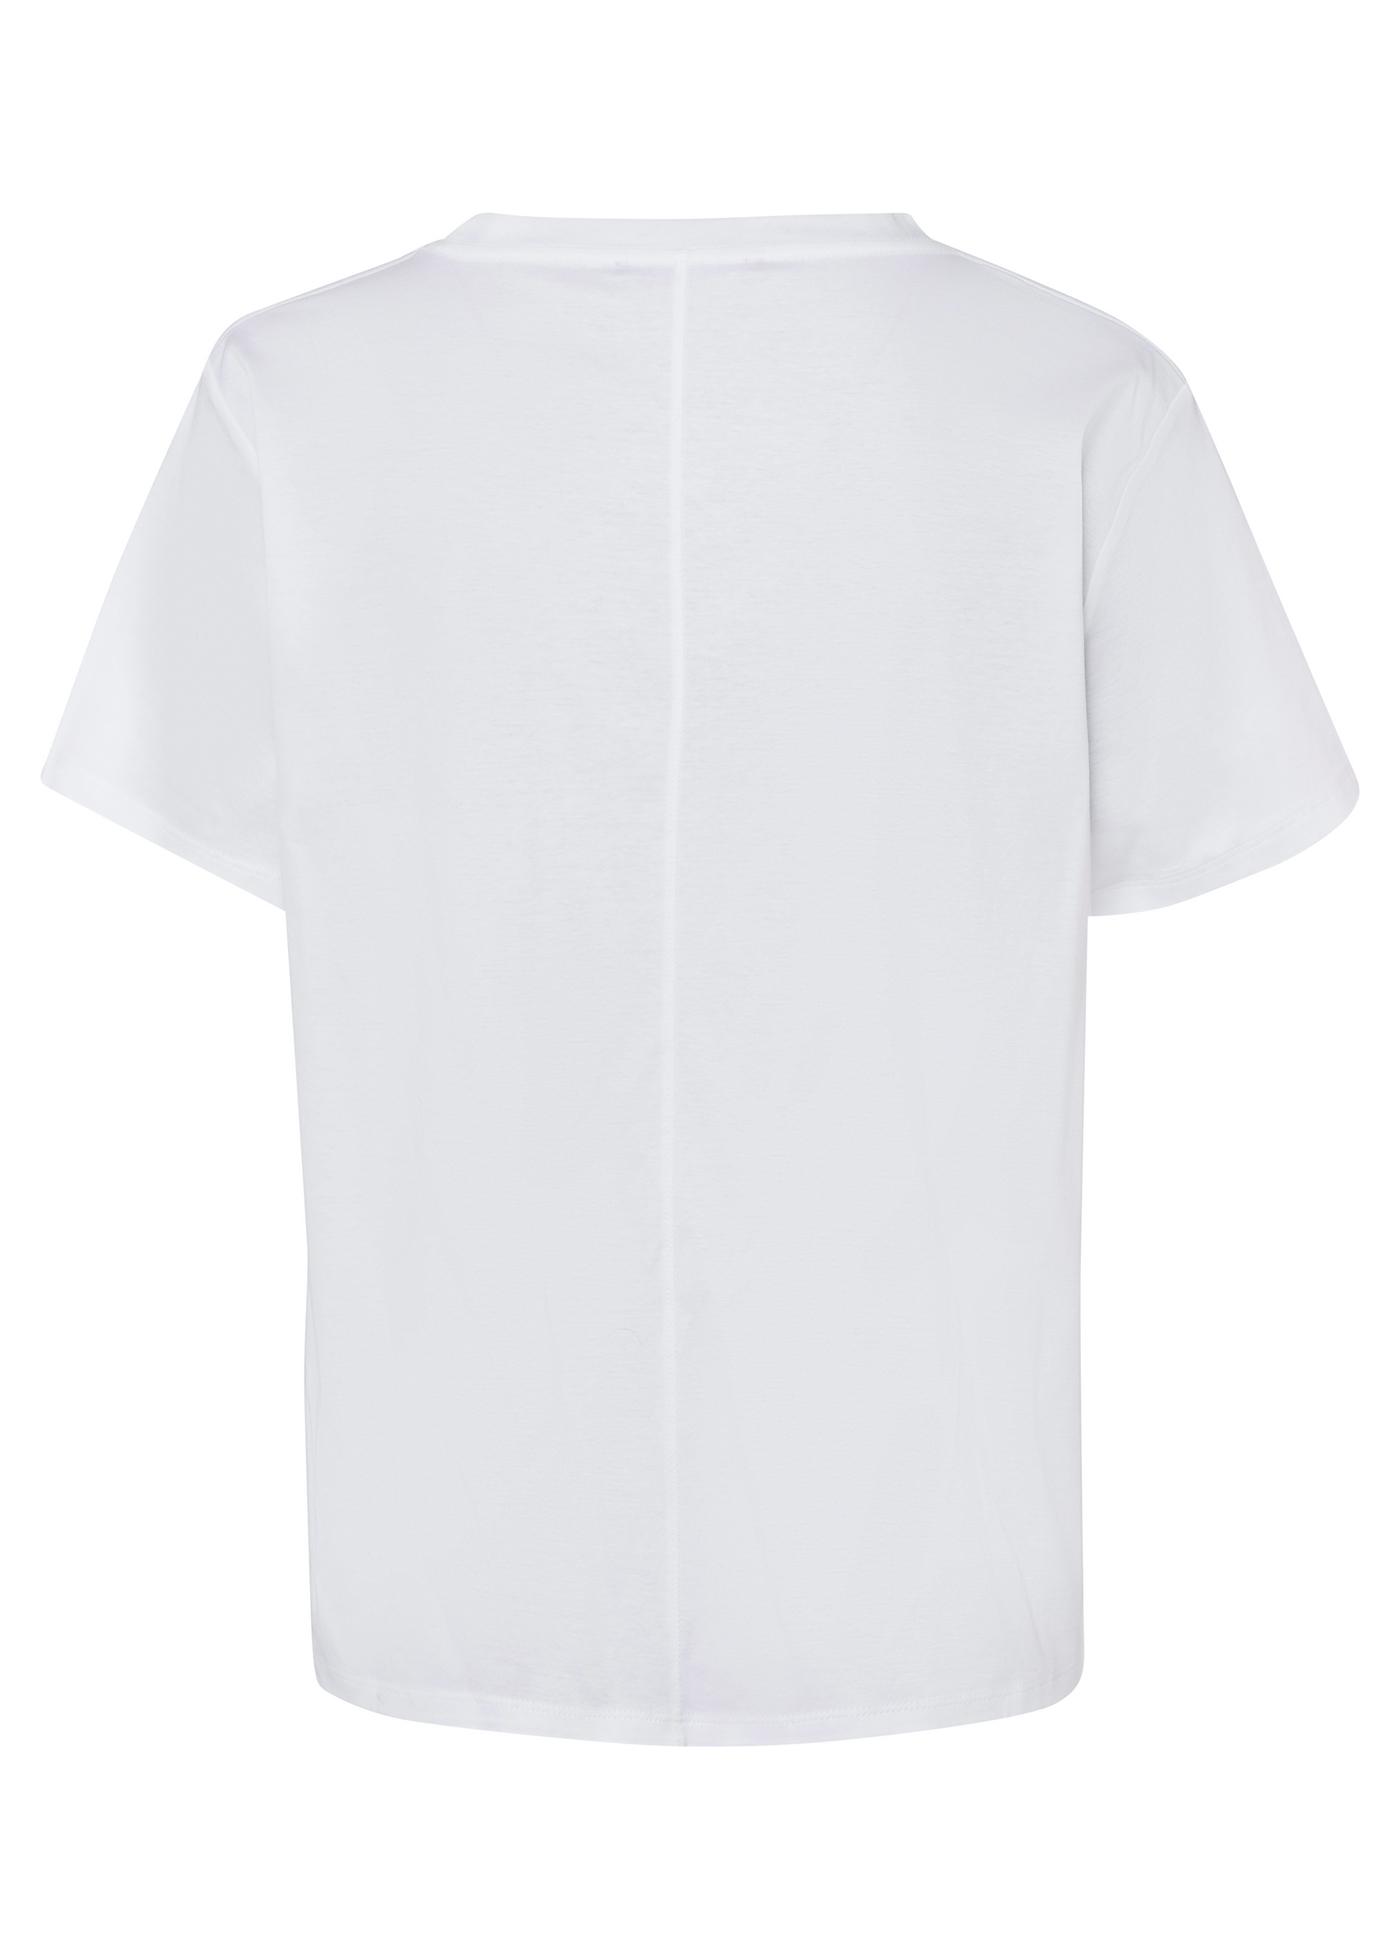 T-Shirt mit Logo-Prin image number 1